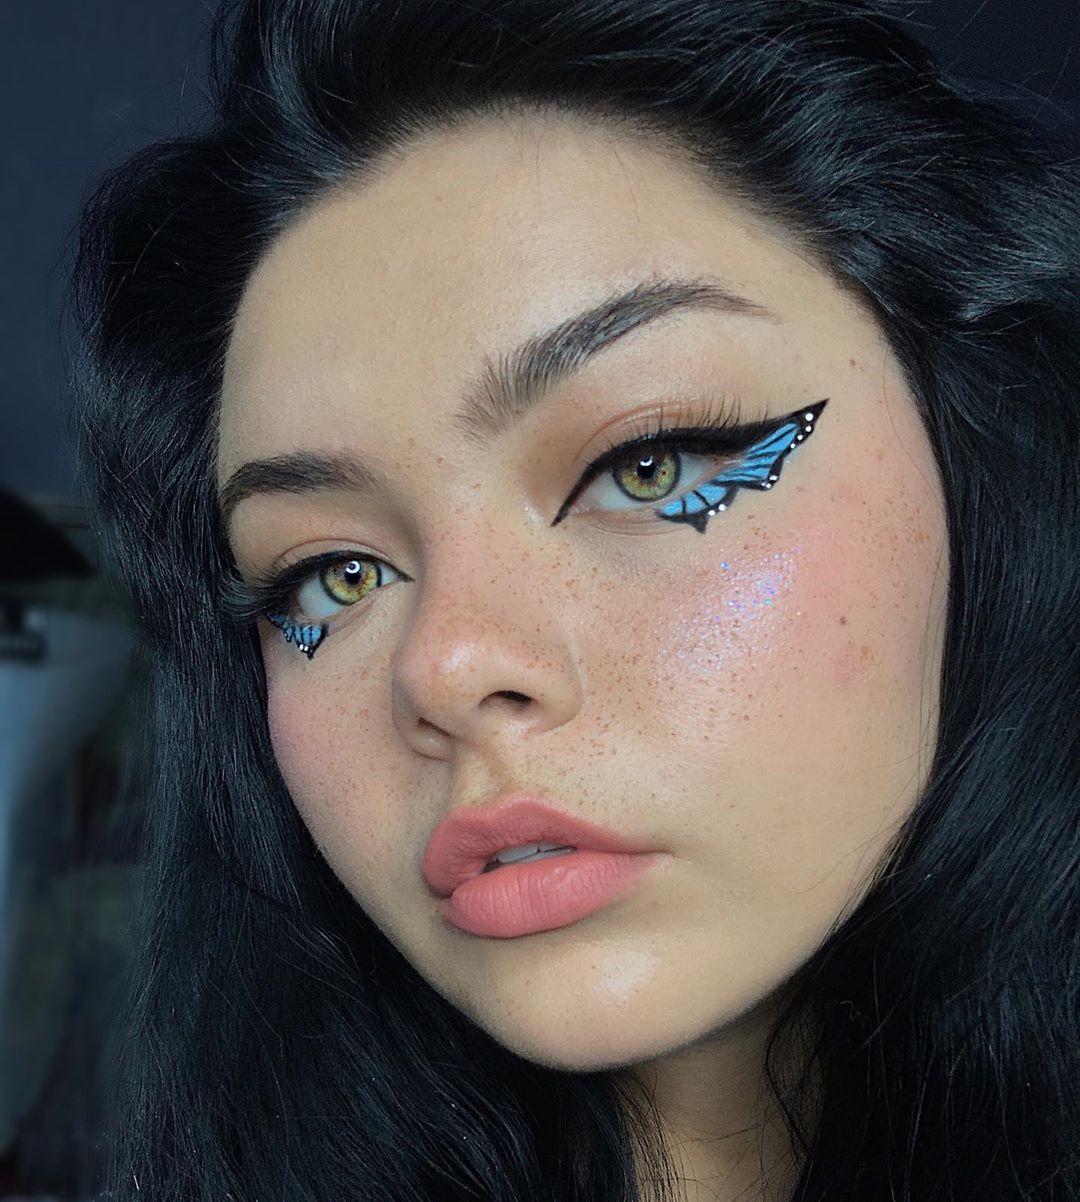 1 482 Me Gusta 26 Comentarios Makeup Artist Contrashelby En Instagram Recreation Of Nicoshoemaker S Butterfly Makeup Creative Eye Makeup Edgy Makeup